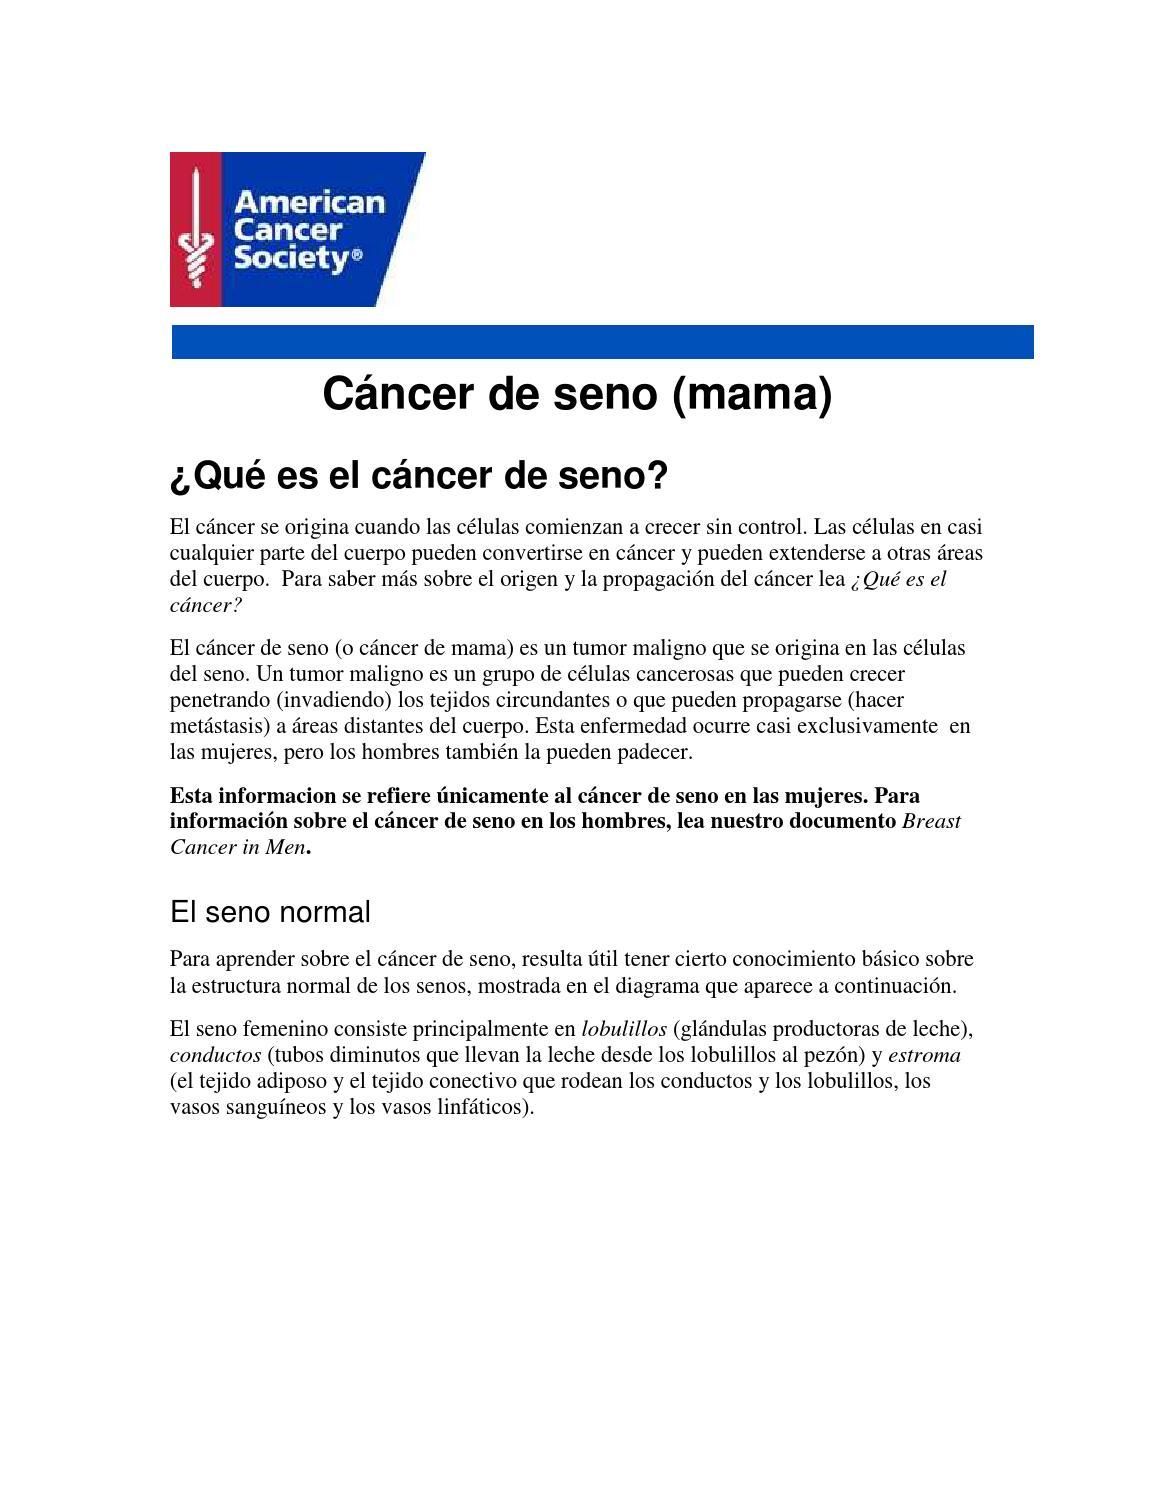 002284 pdf by Edna Johanna Gutierrez - issuu